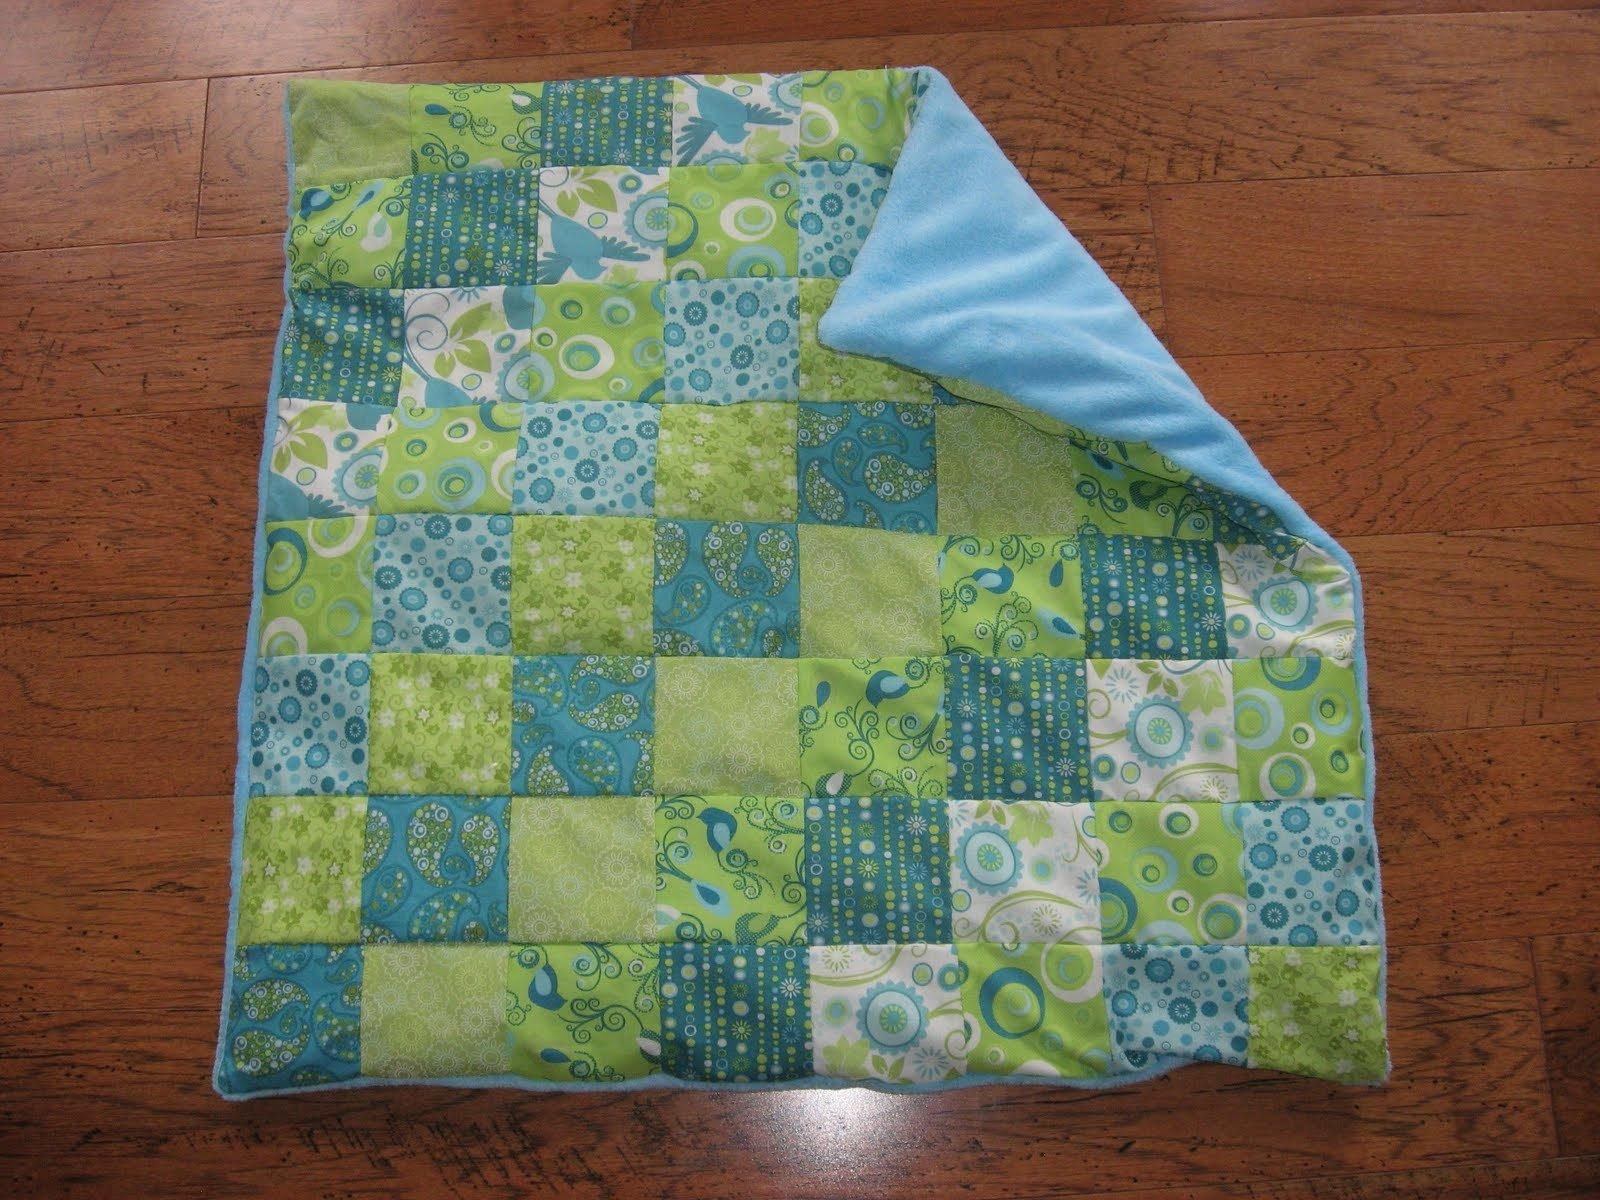 Patschwork Babydecke in grün und blau